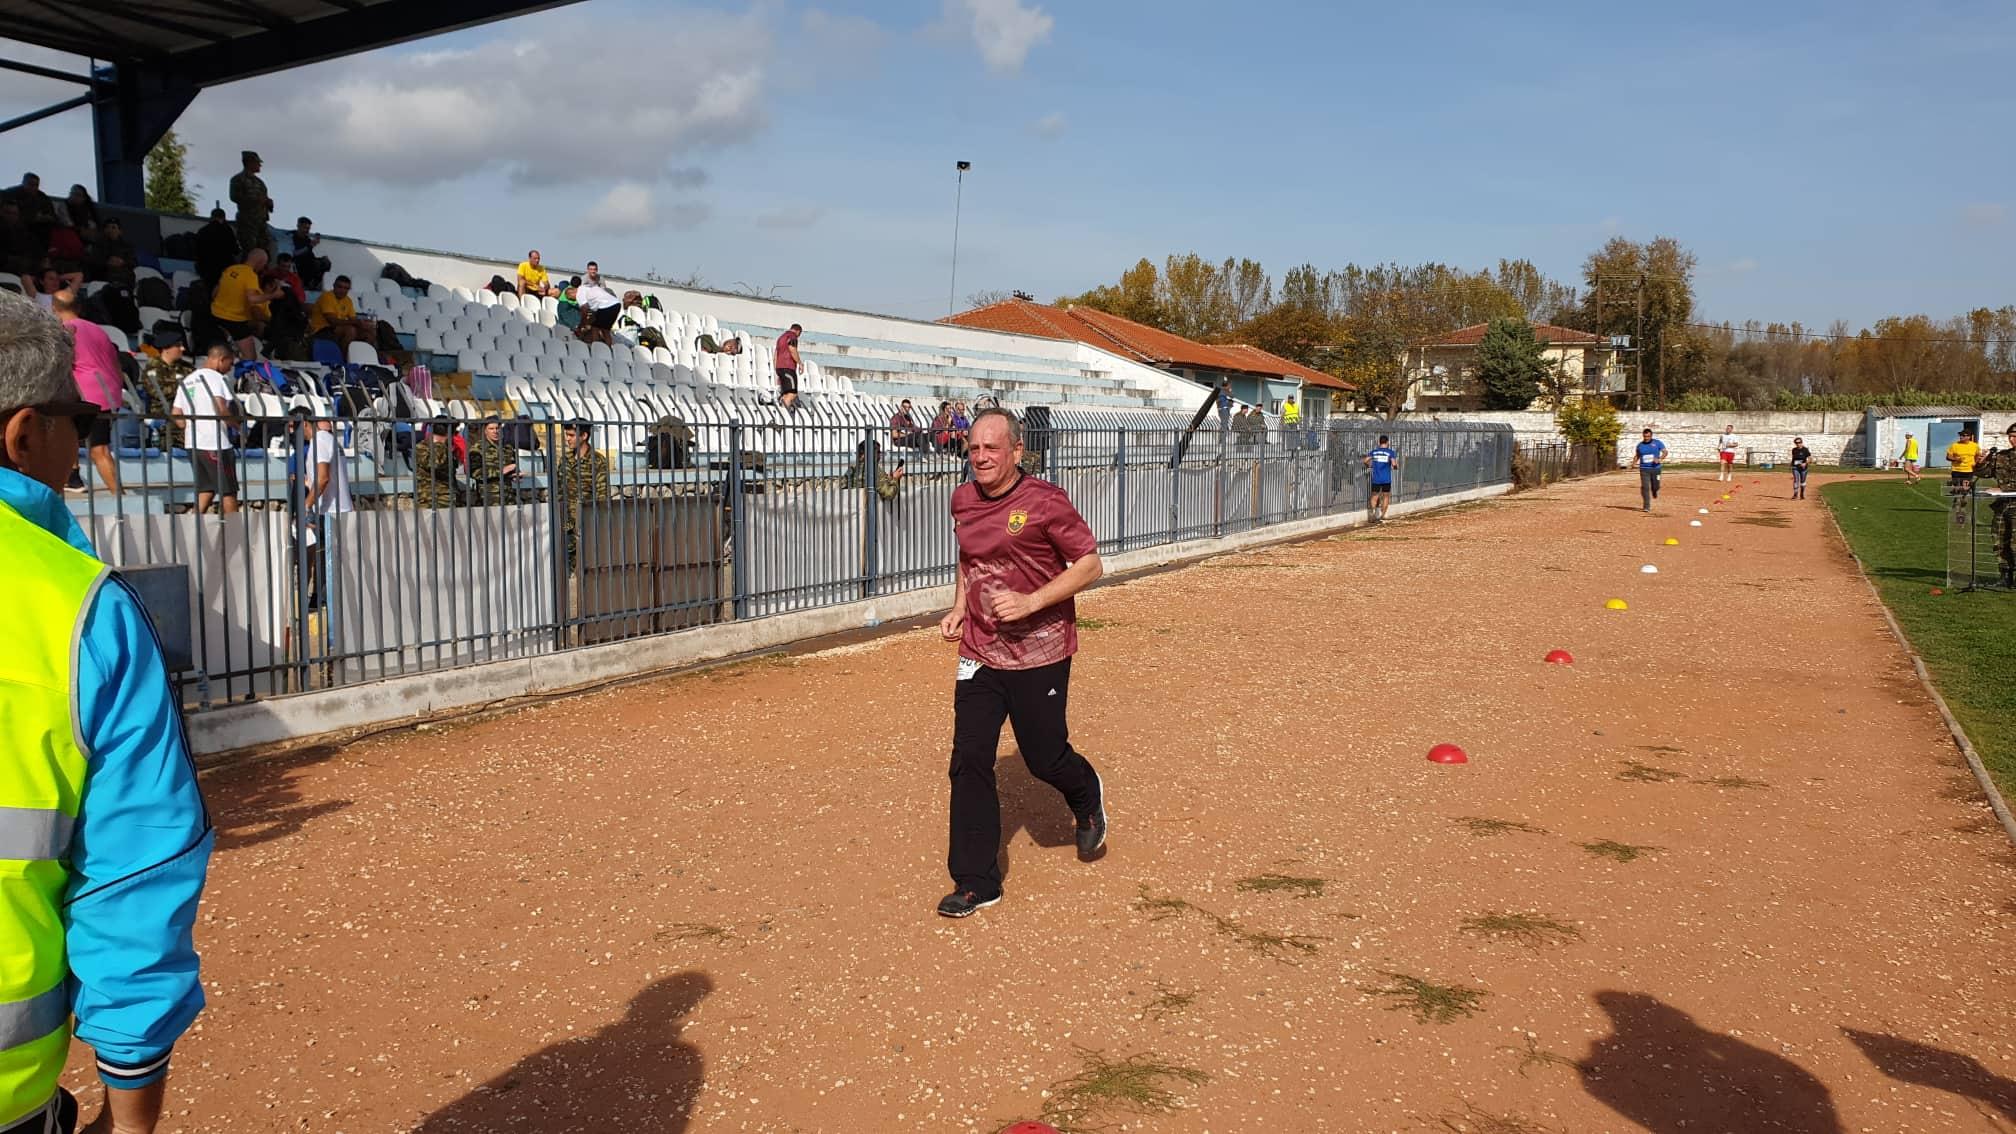 Τερμάτισε ο υποστράτηγος Ιλαρίδης στο Σουφλί - Η στιγμή που φθάνει στο τέρμα της διαδρομής στον πρώτο αγώνα ανωμάλου δρόμου που διοργάνωσε η 50 Ταξιαρχία